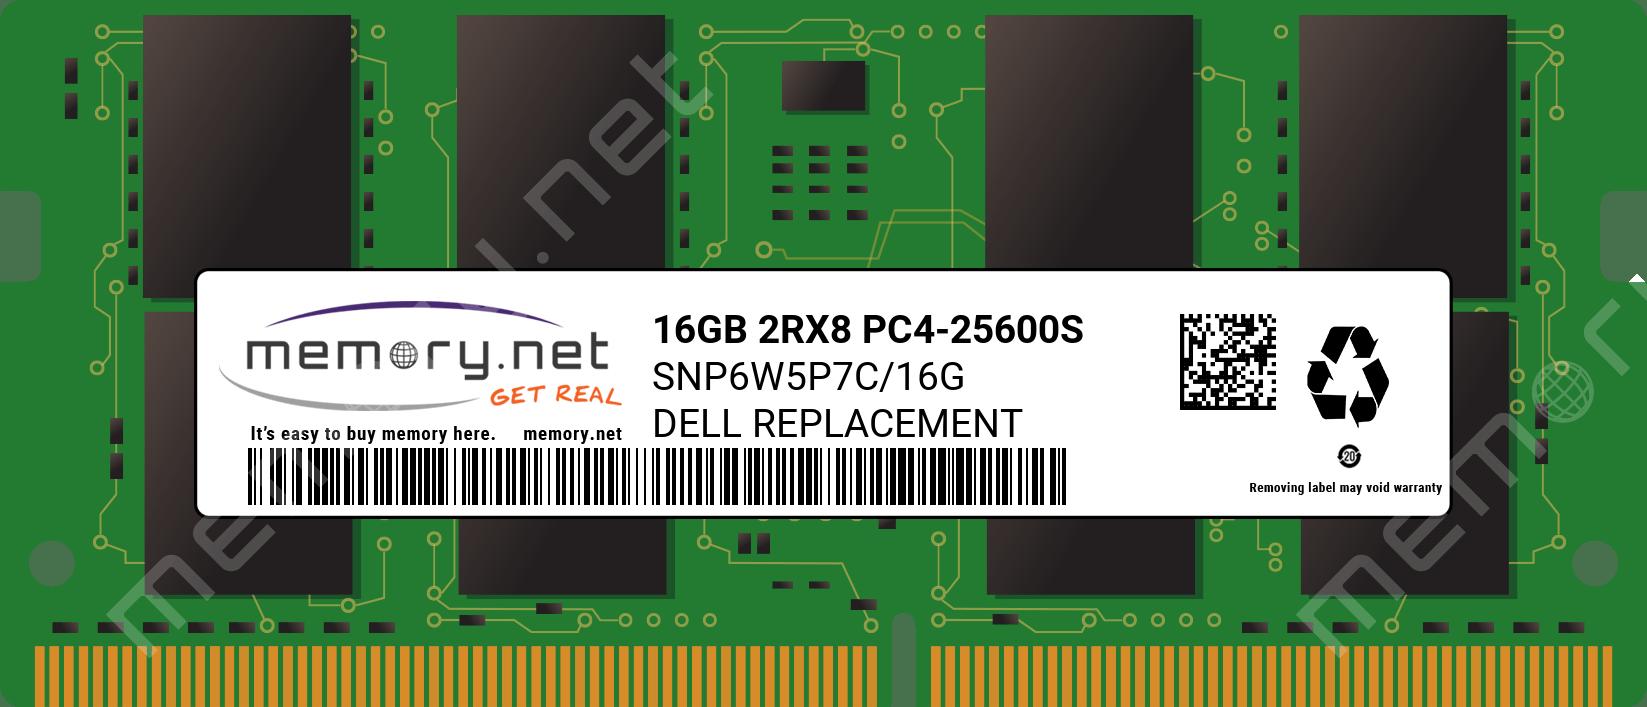 SNP6W5P7C/16G